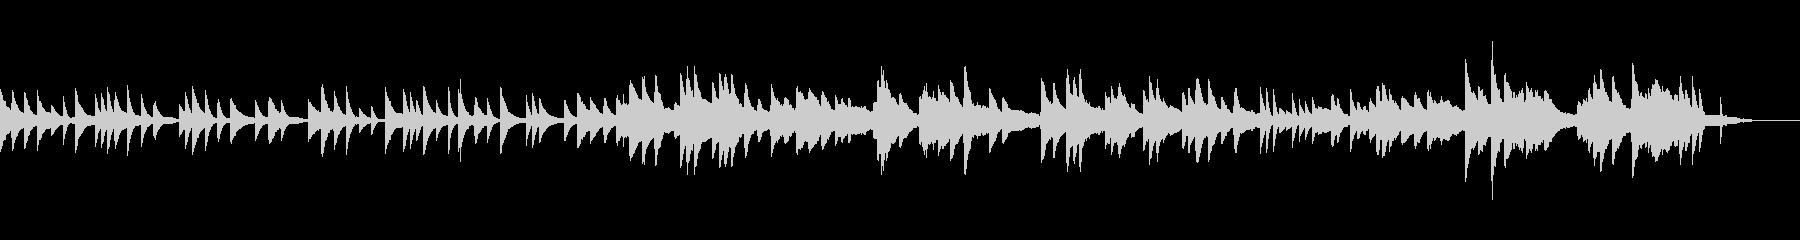 「きゅん」とする優しいピアノのバラード の未再生の波形